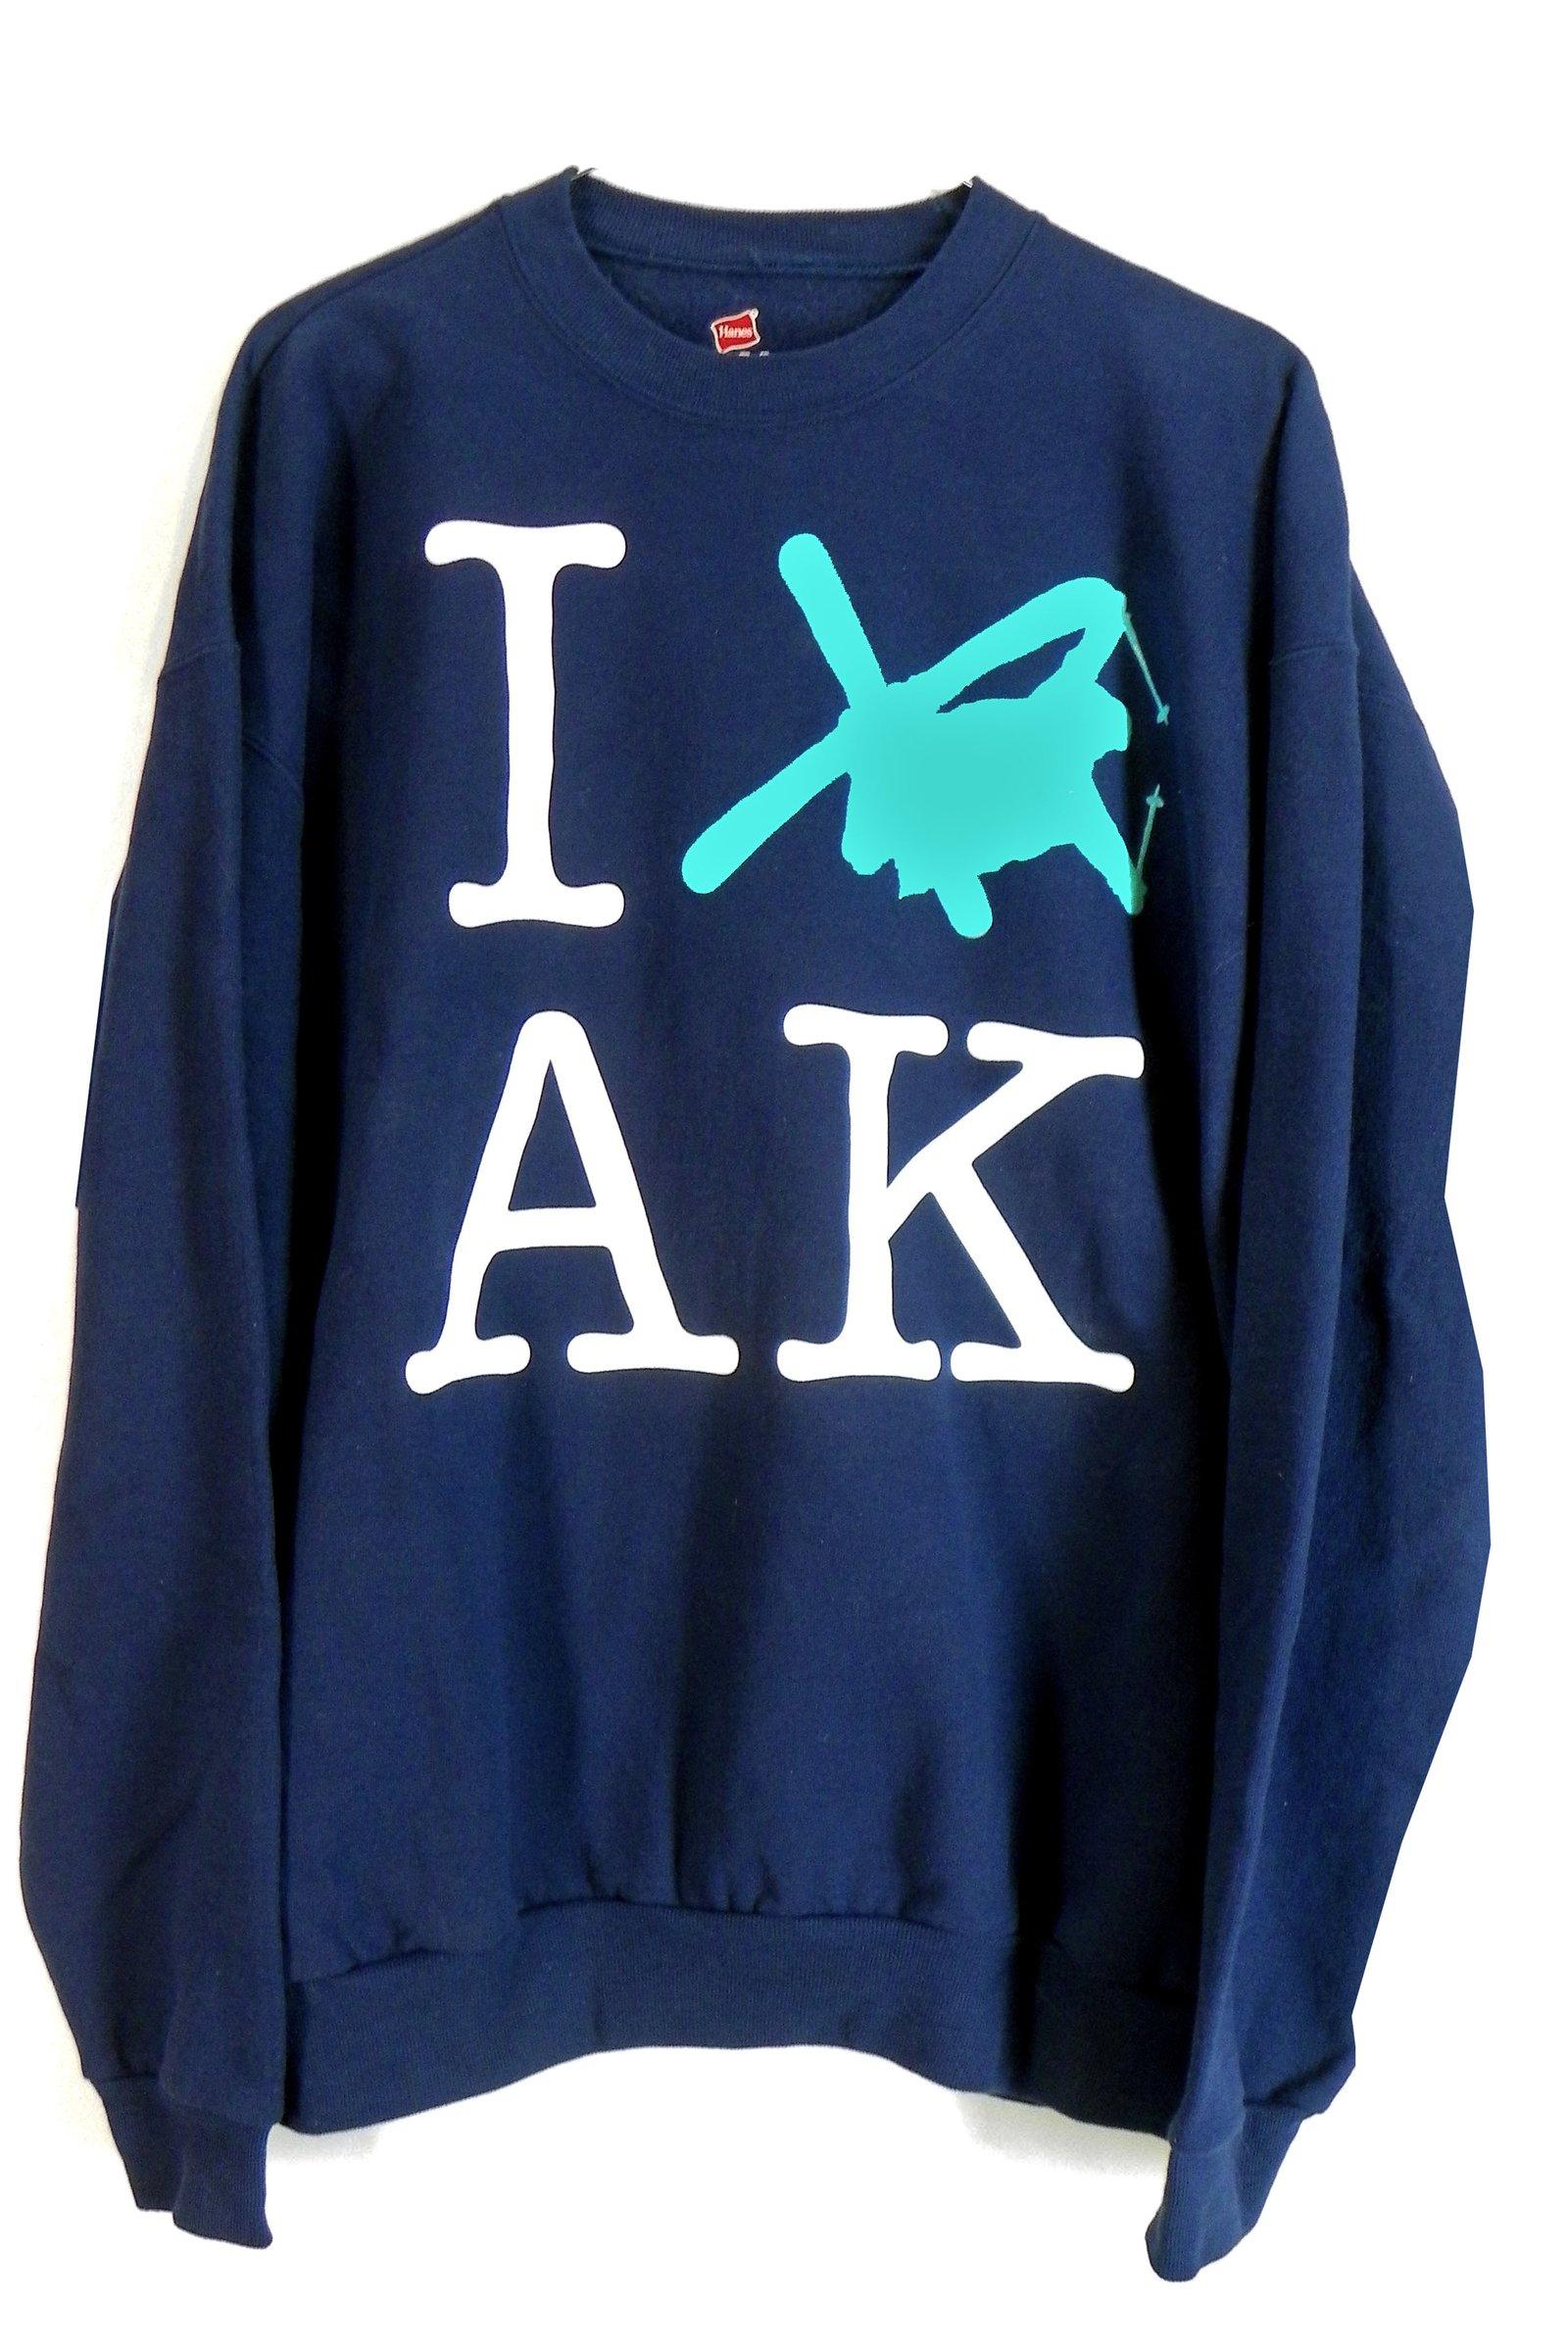 I SKI AK Crewneck